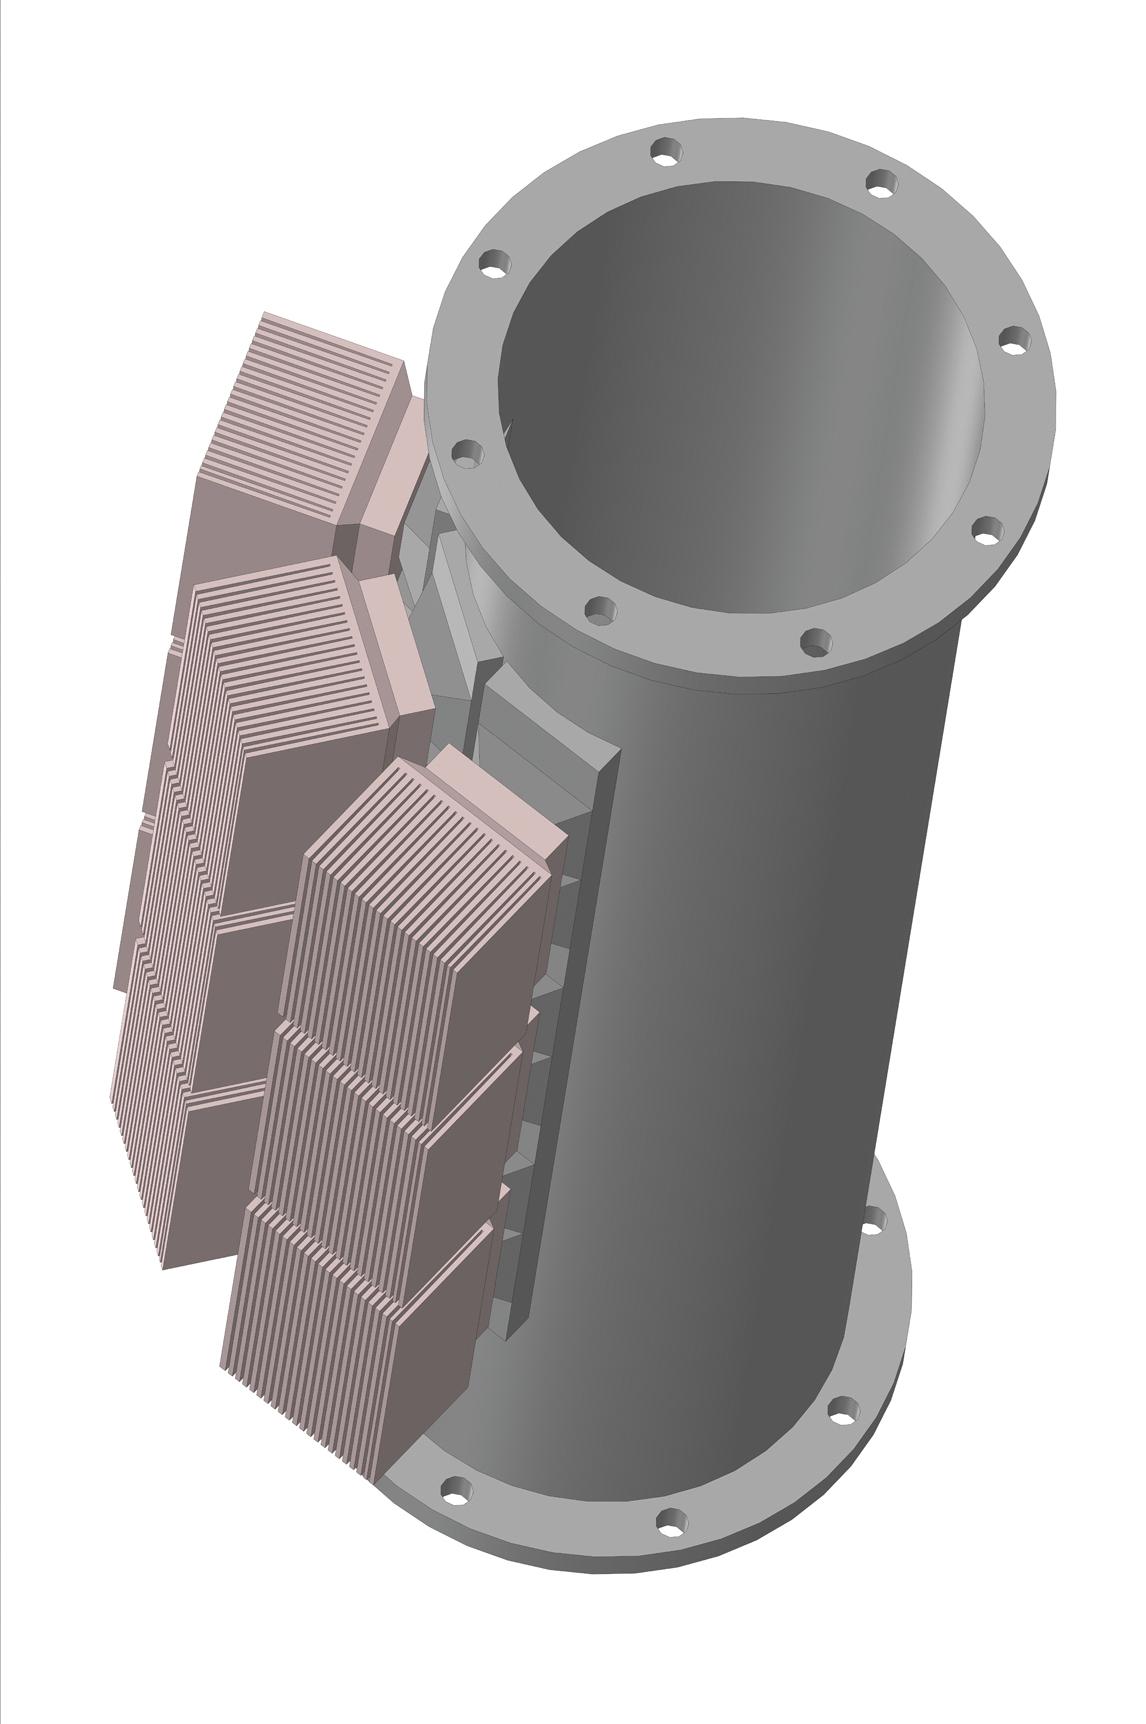 Модель конструкции термоэлектрического генератора для подогревателя газа